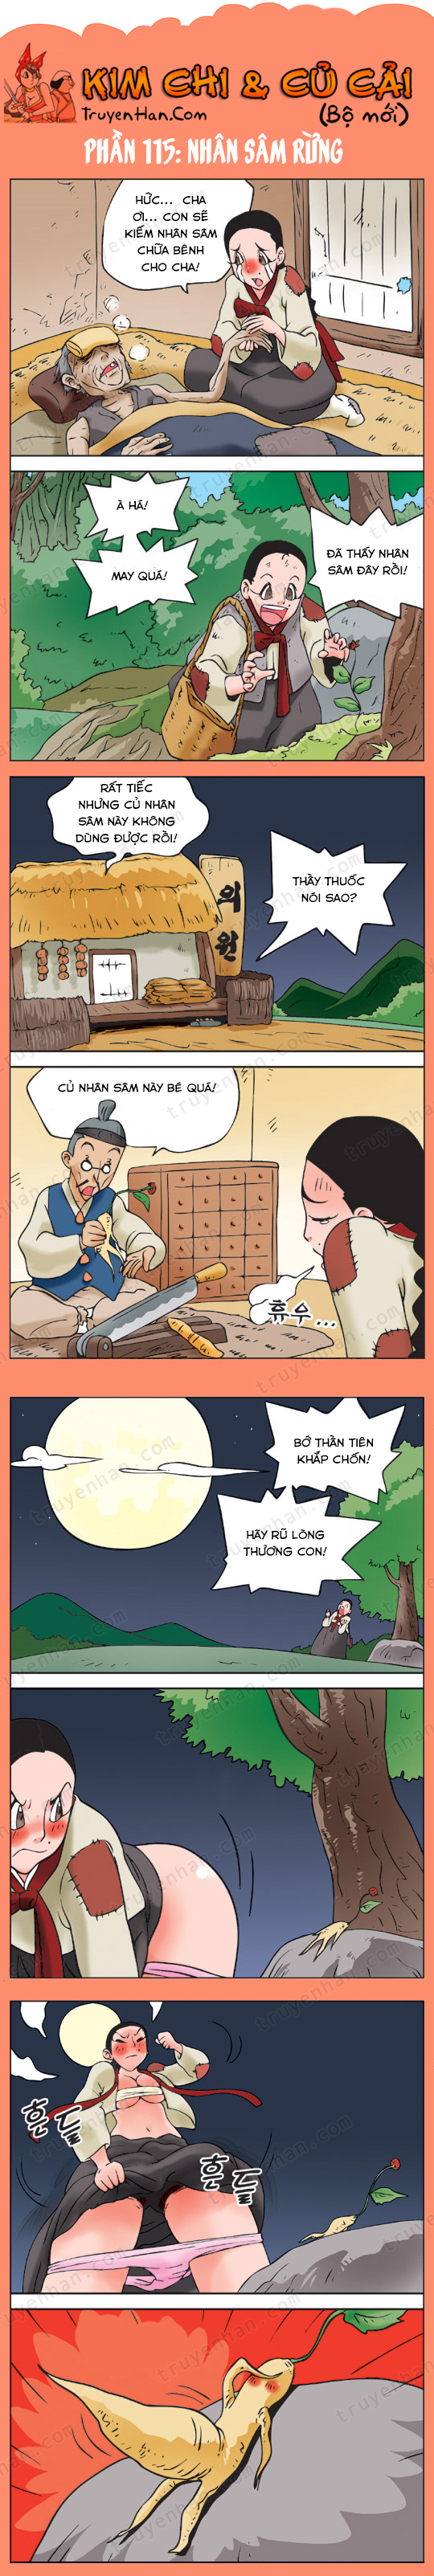 Kim Chi & Củ Cải (bộ mới) phần 115: Nhân sâm rừng